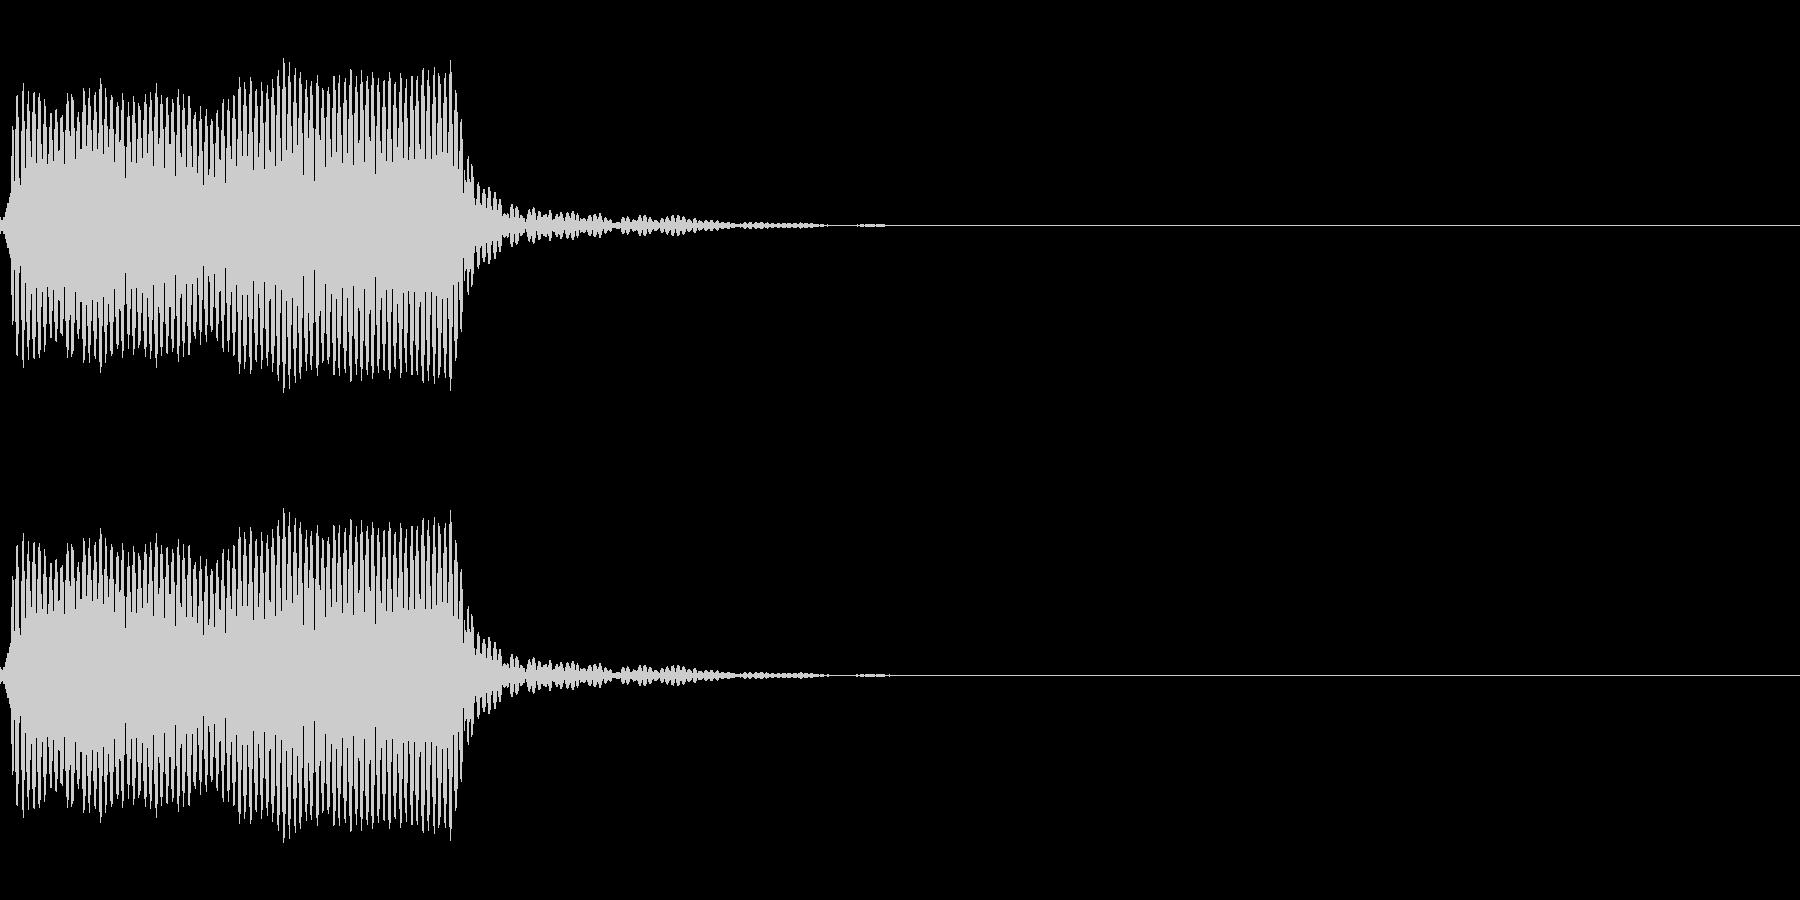 ホイッスル音01(ピーッ)の未再生の波形